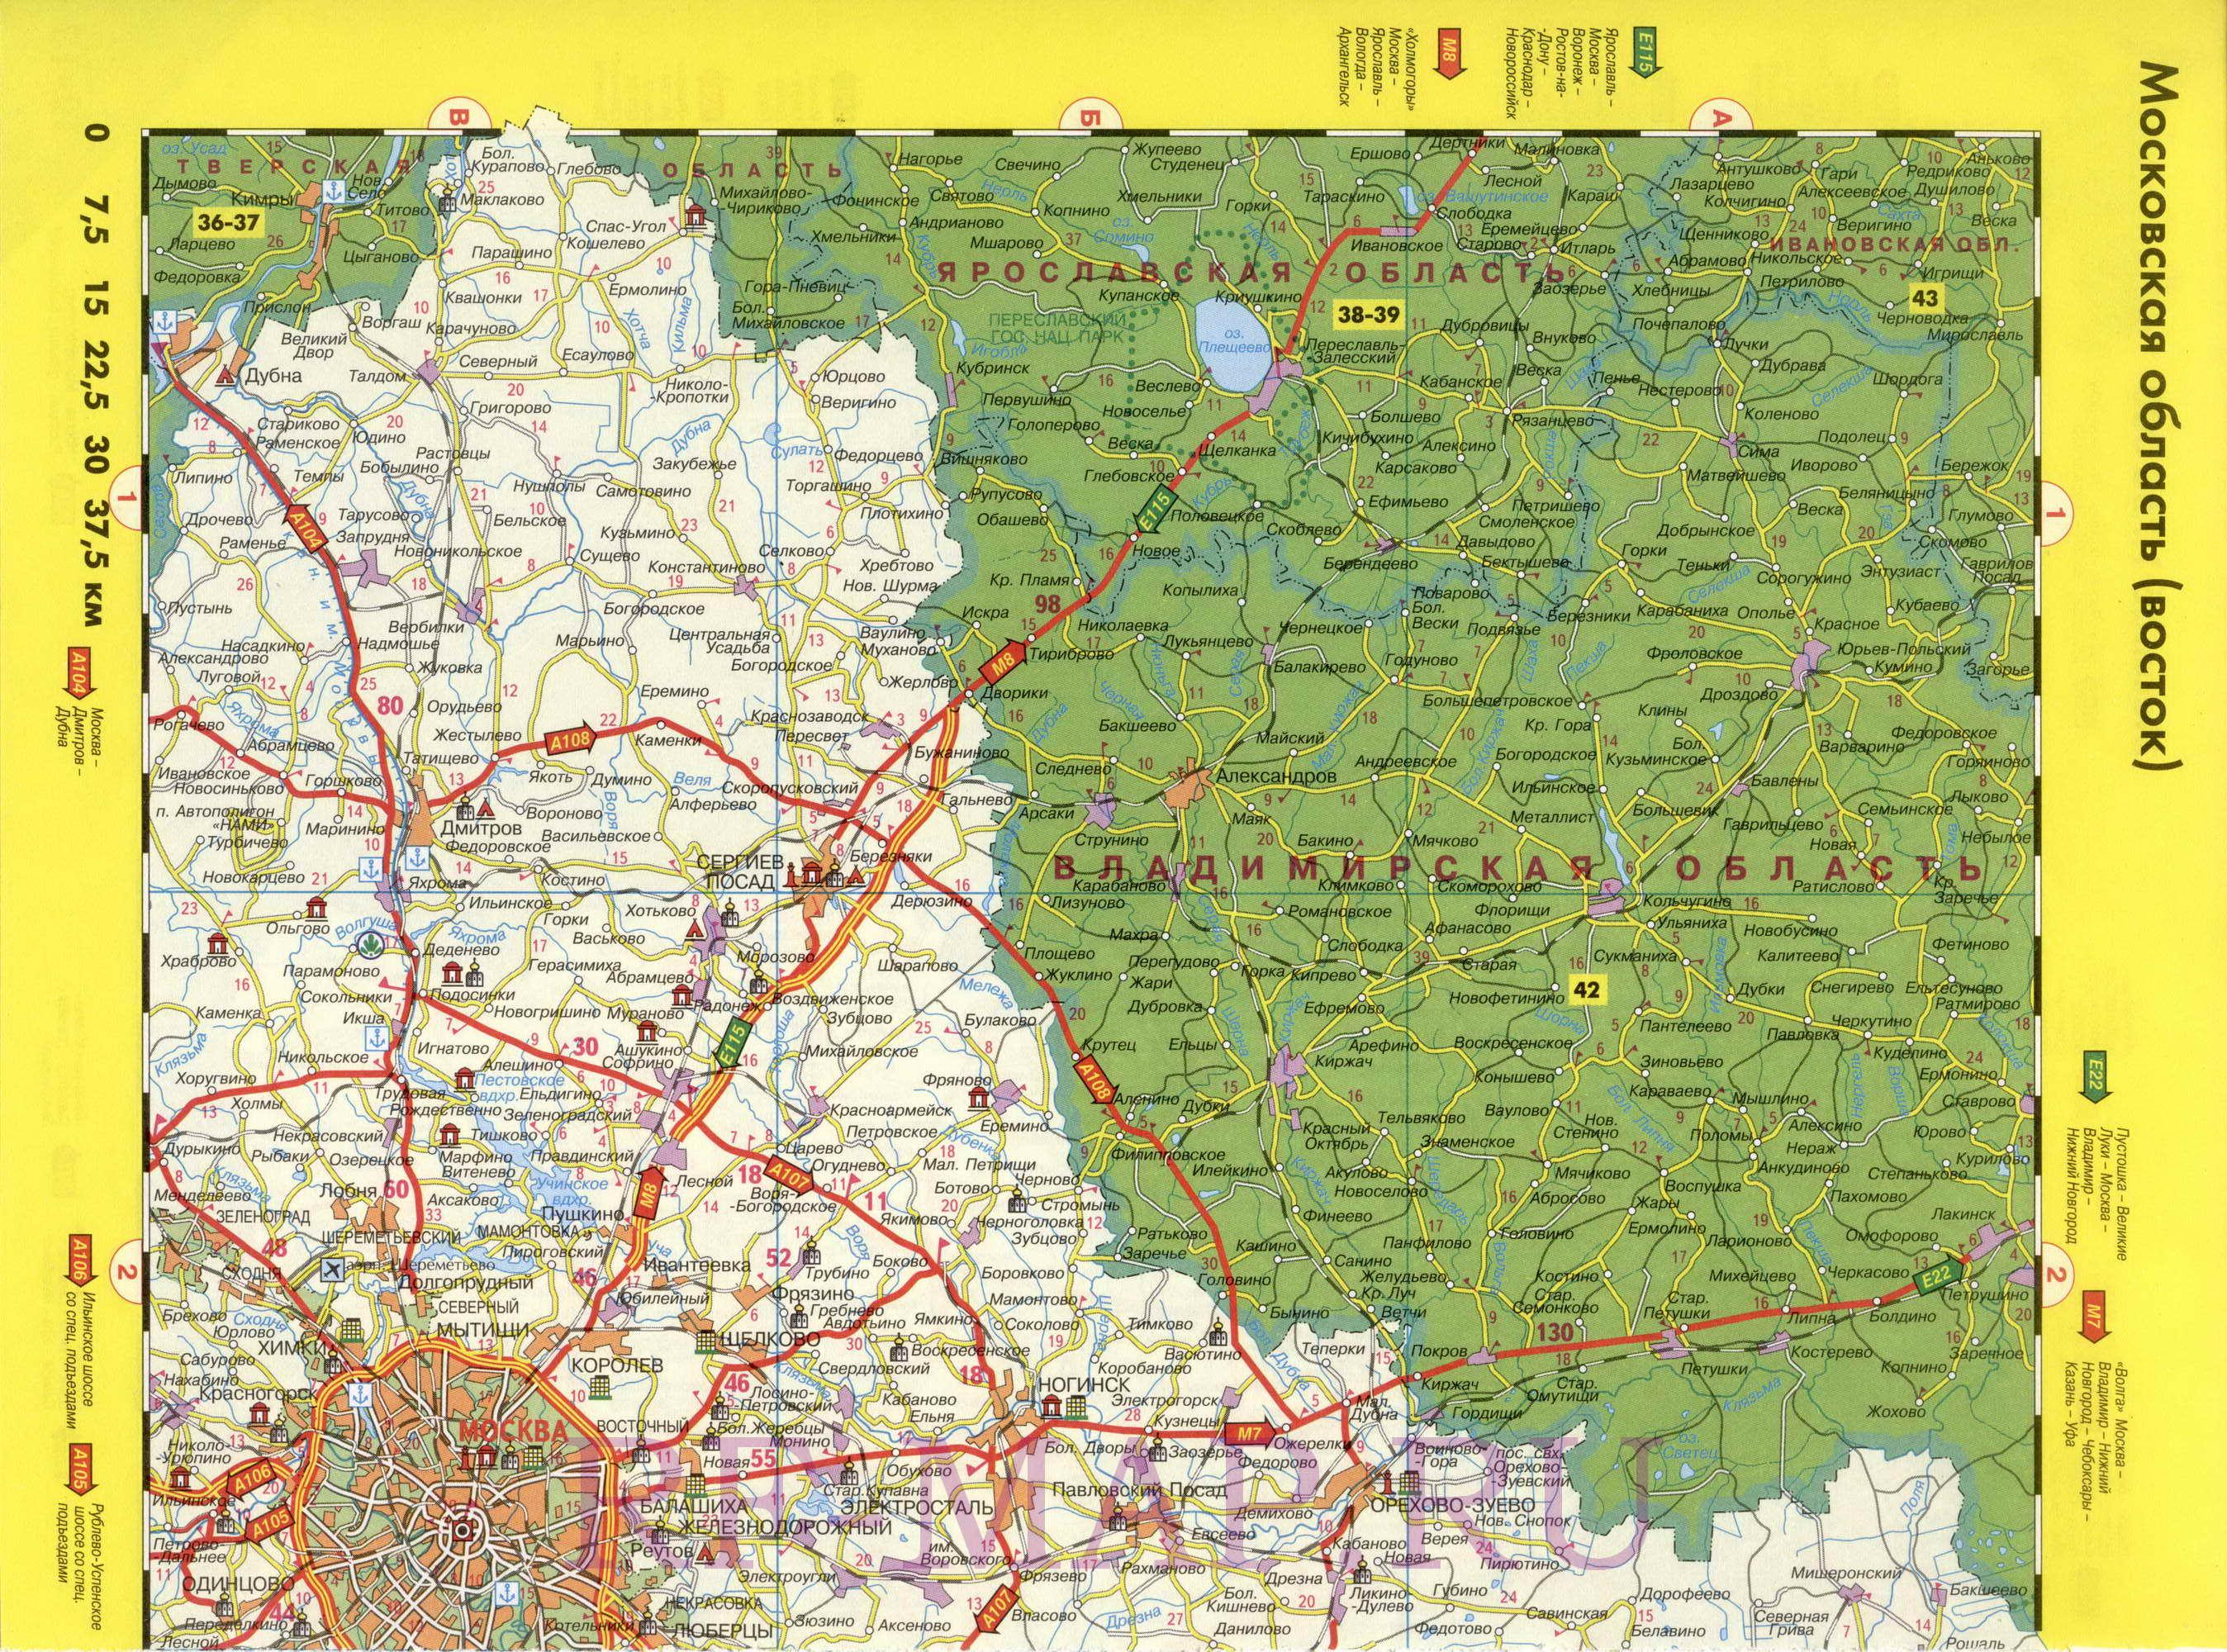 Топографическая карта Москвы и Московской области смотреть онлайн